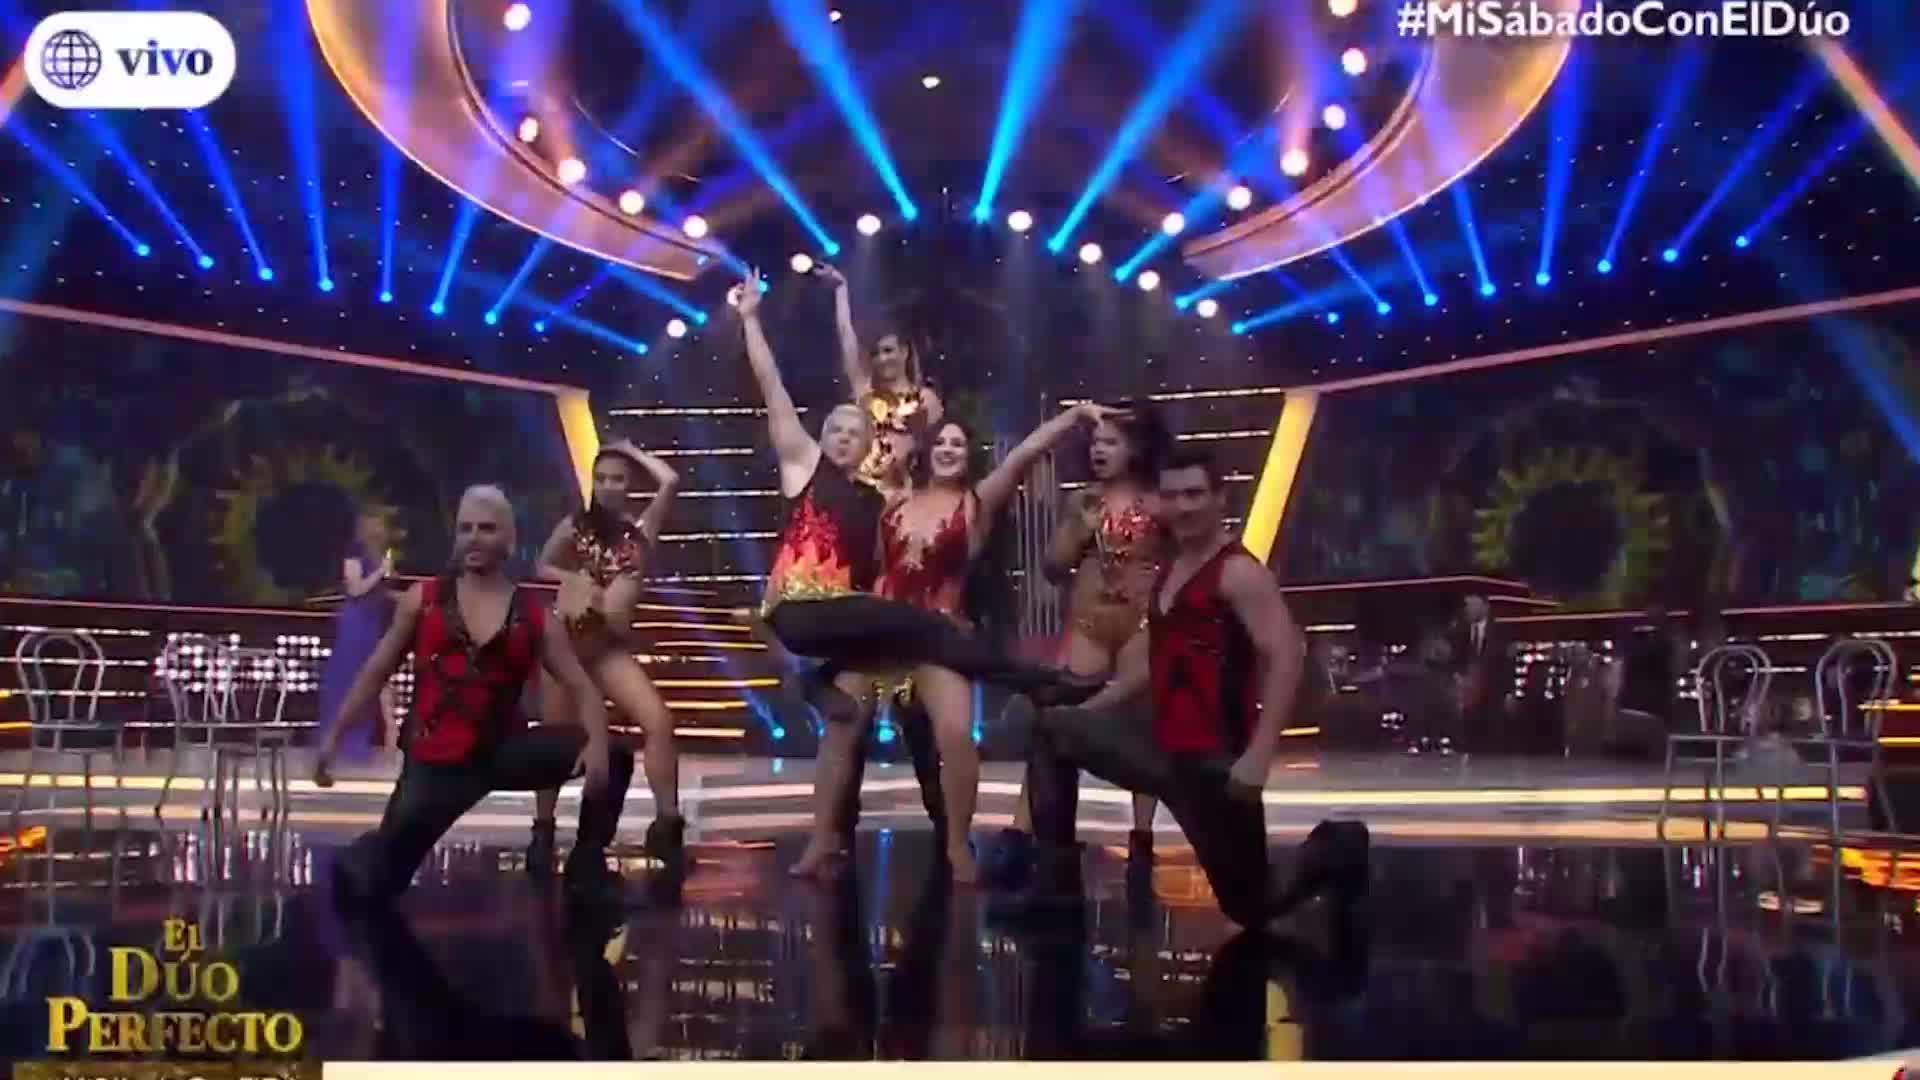 """""""El dúo perfecto"""": Michelle Soifer impresionó con interpretación de Shakira"""